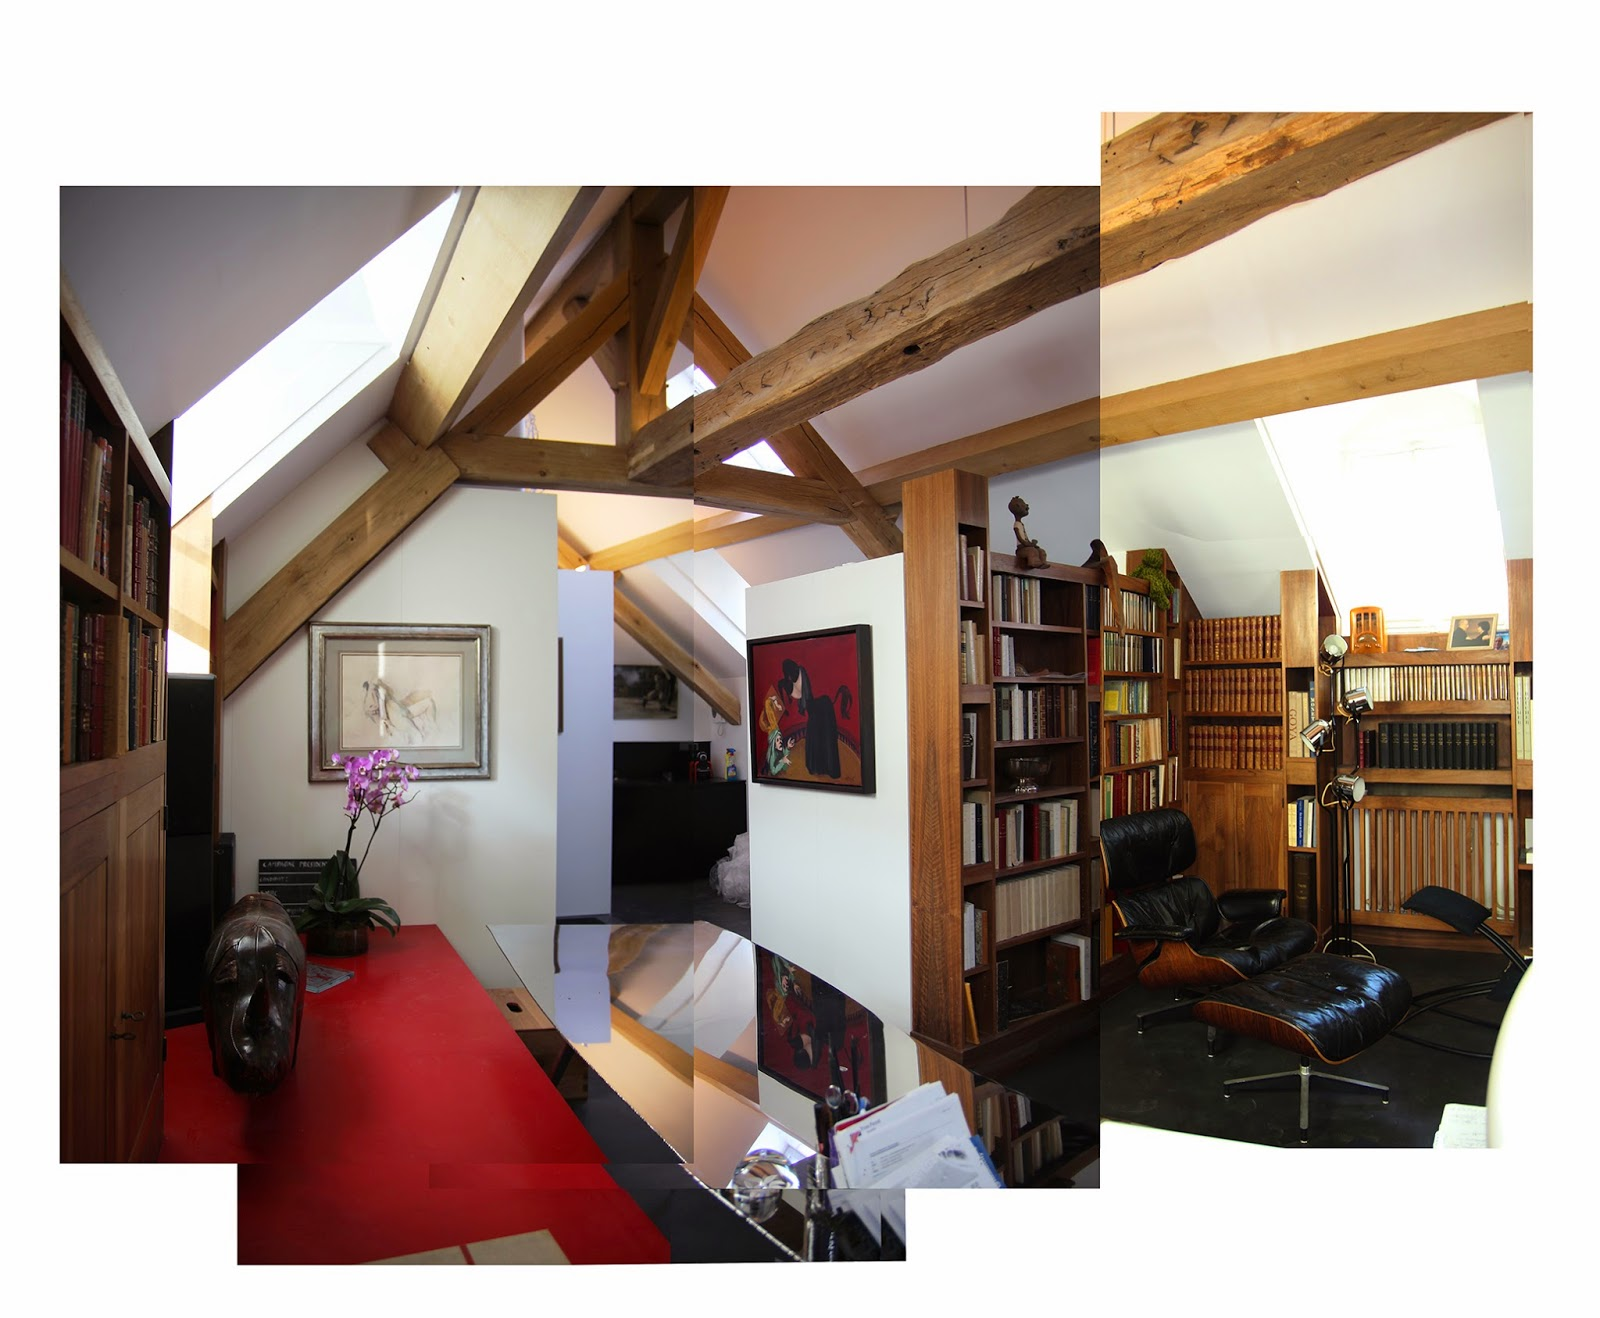 Reforma de vivienda París, Rehabilitación de edificio París, Loft Paris,  Architecture París.